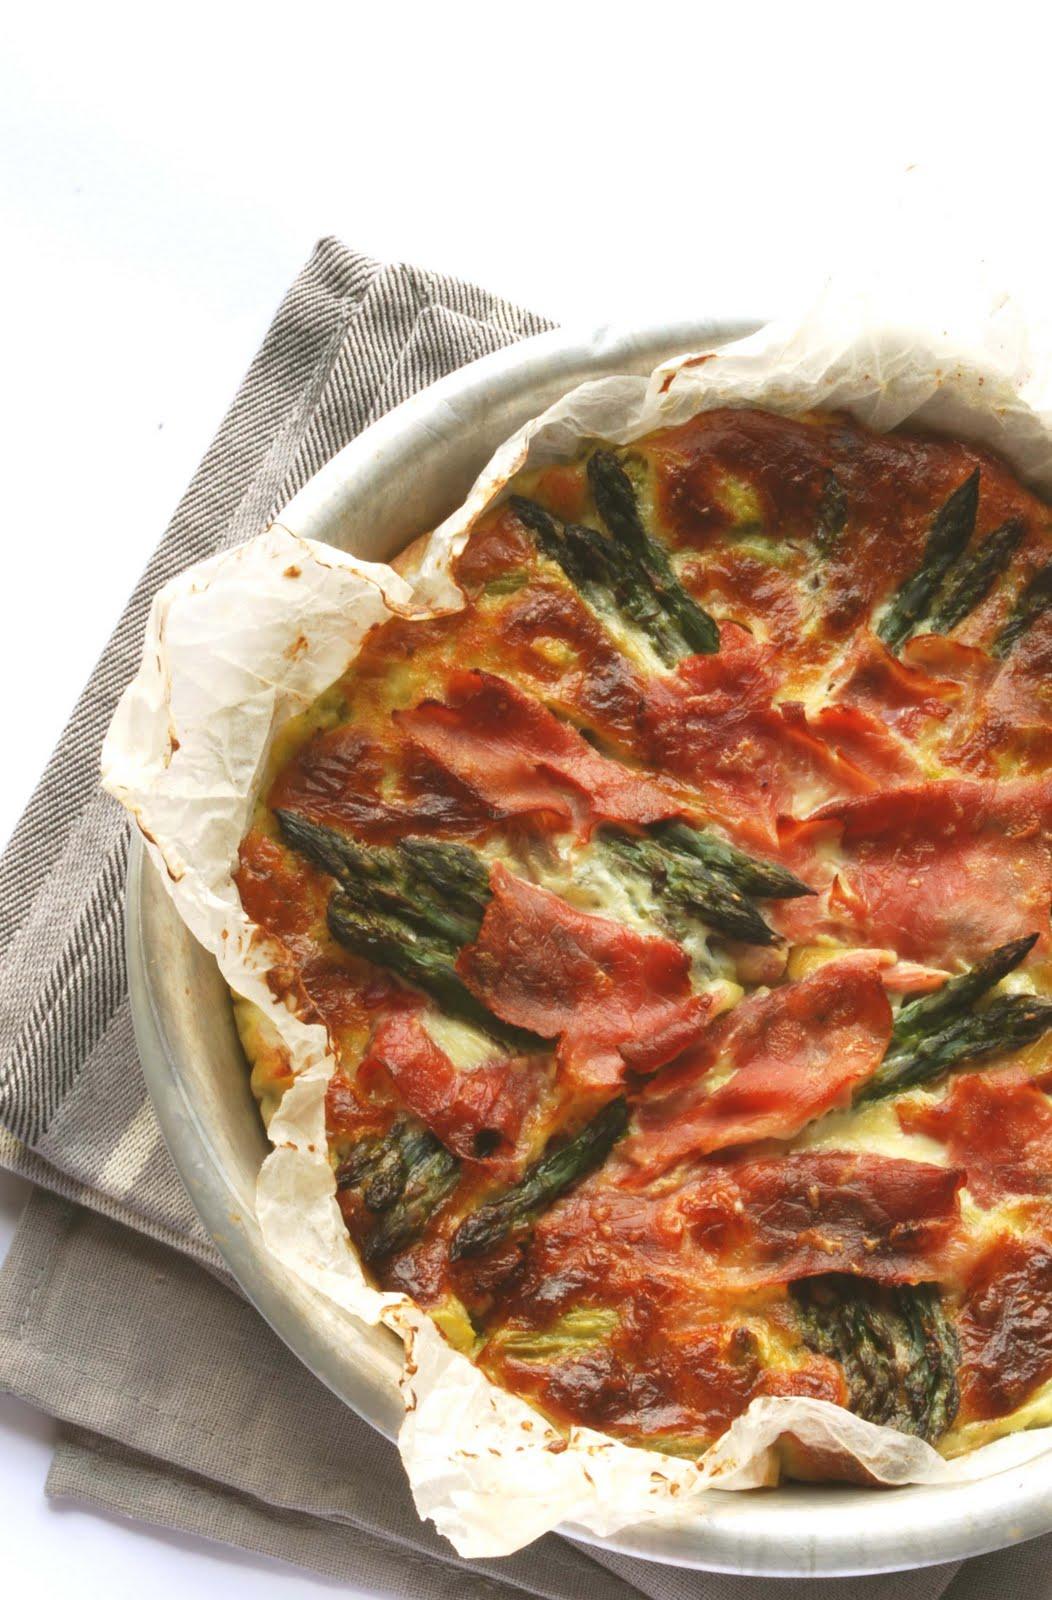 Mamma che buono cucinare asparagi for Cucinare asparagi